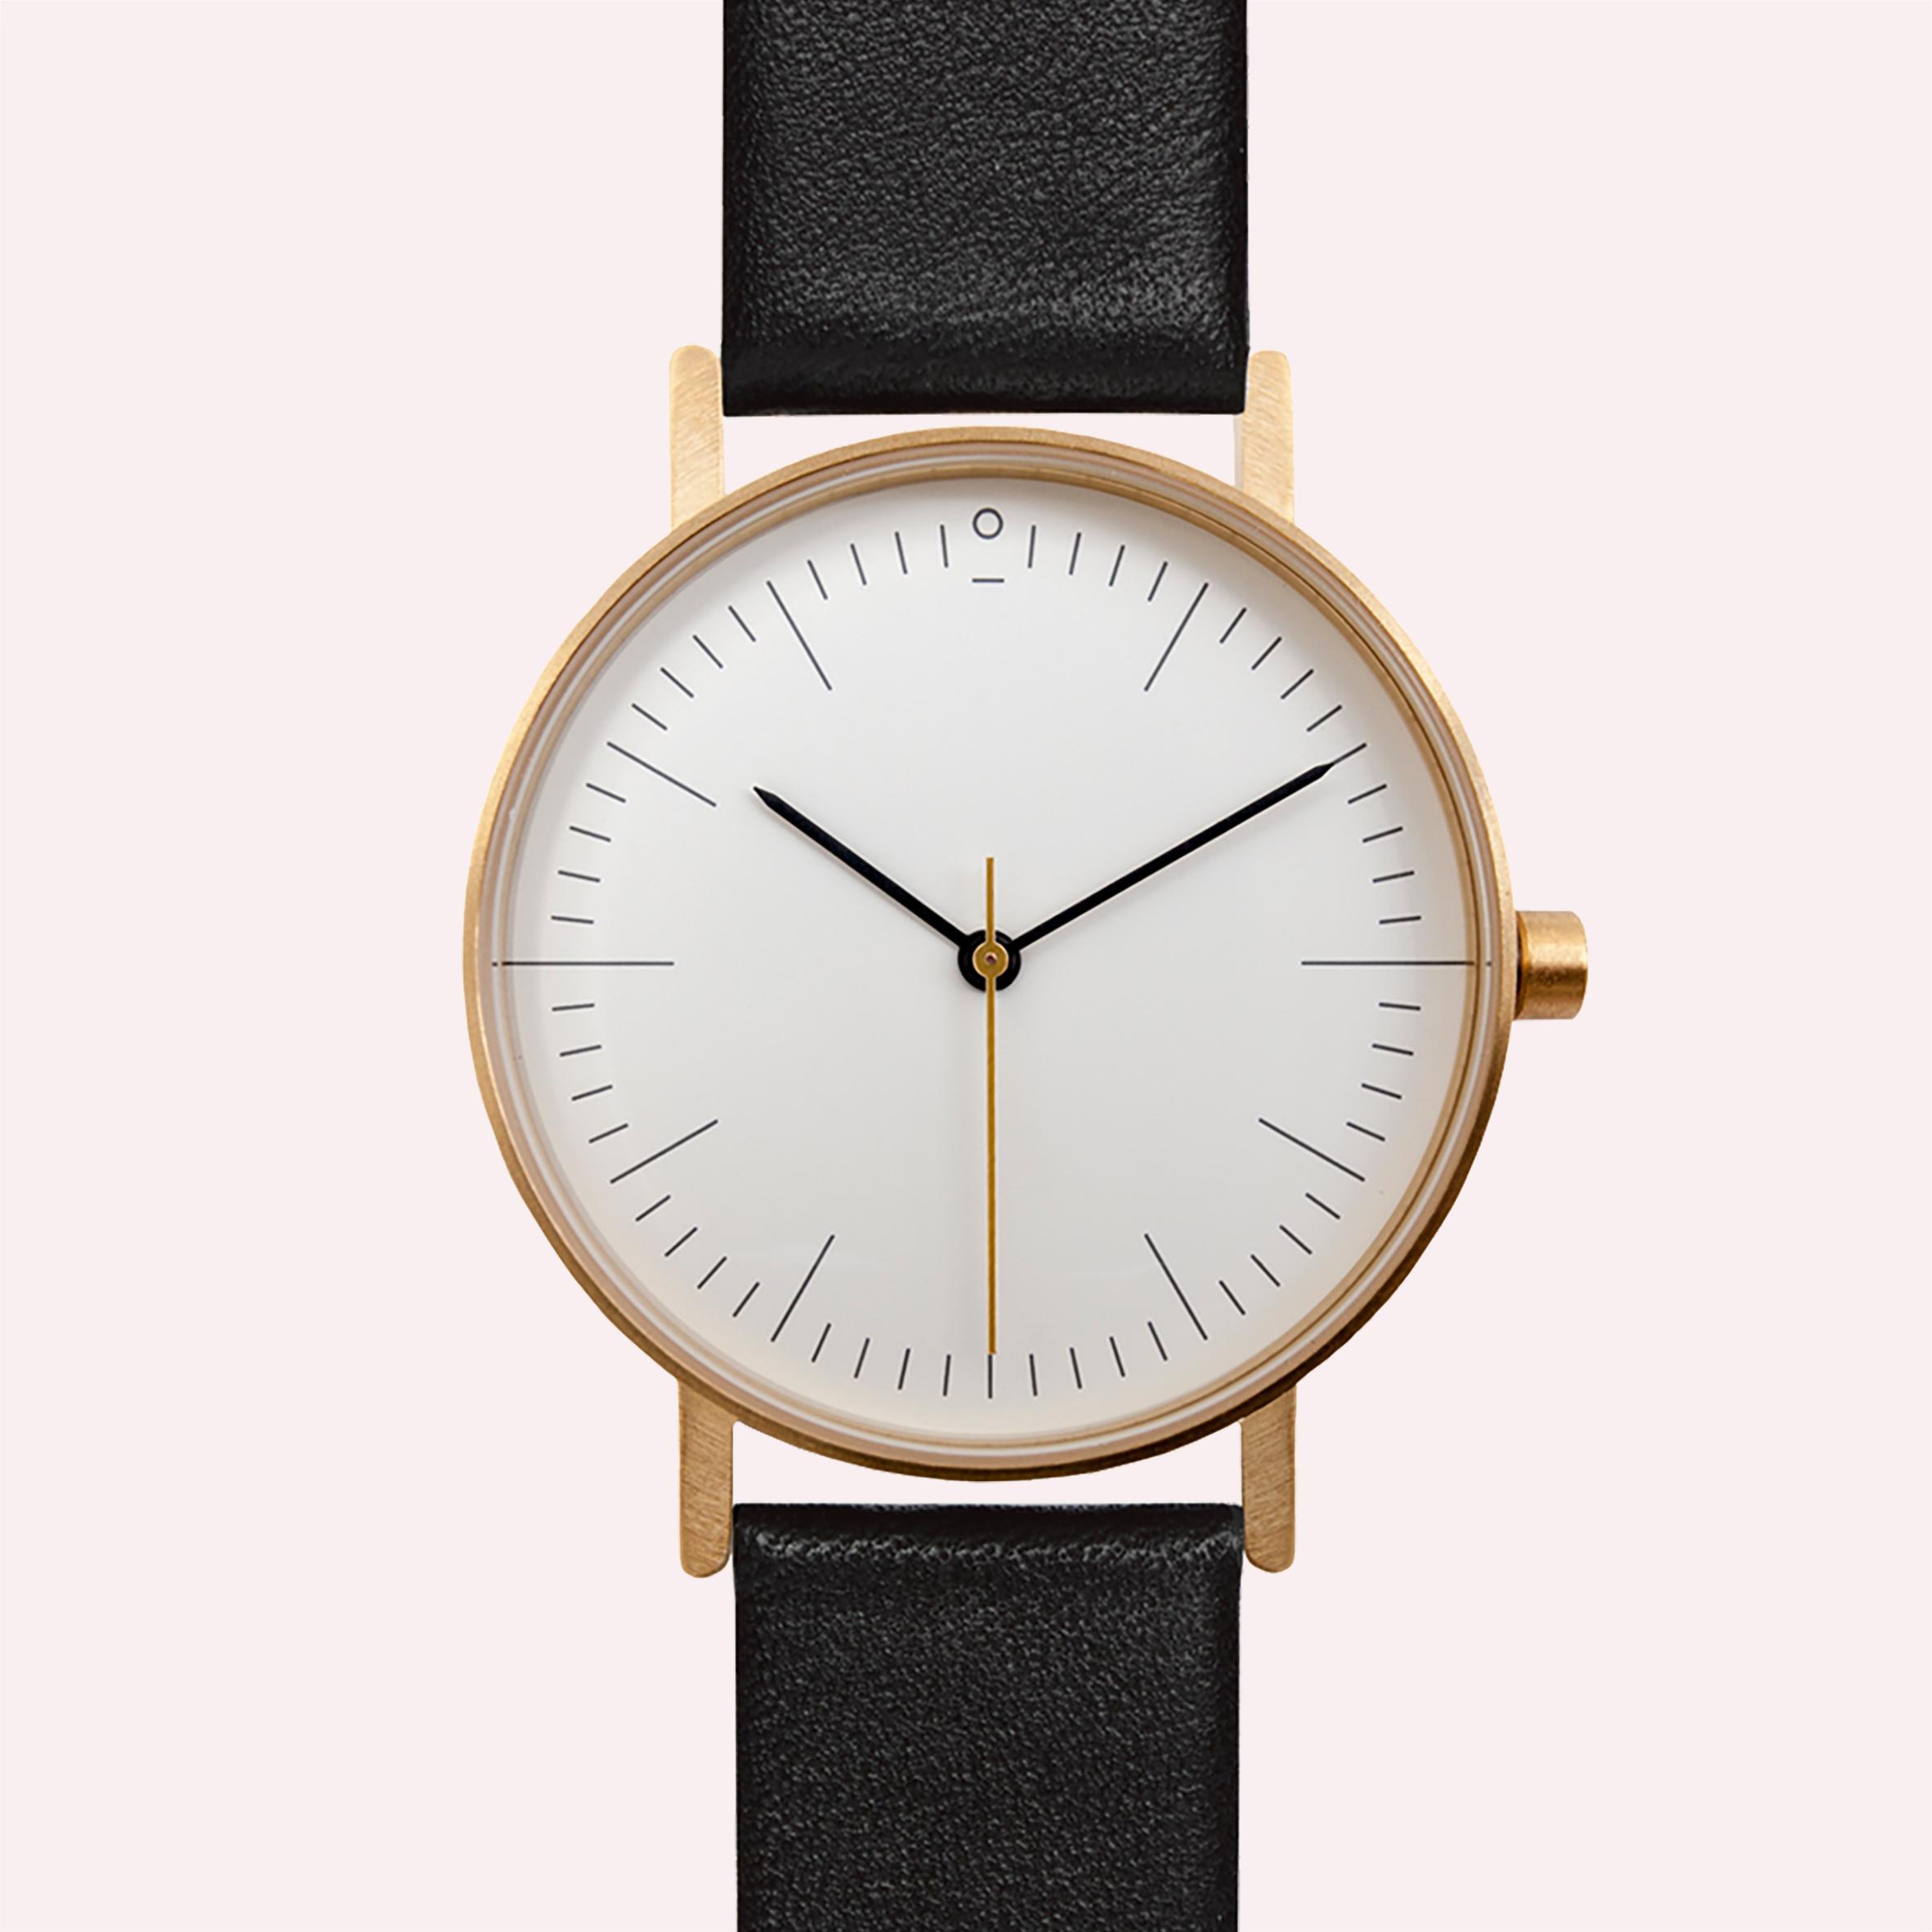 Five Valentine's Day gift ideas from Dezeen Watch Store